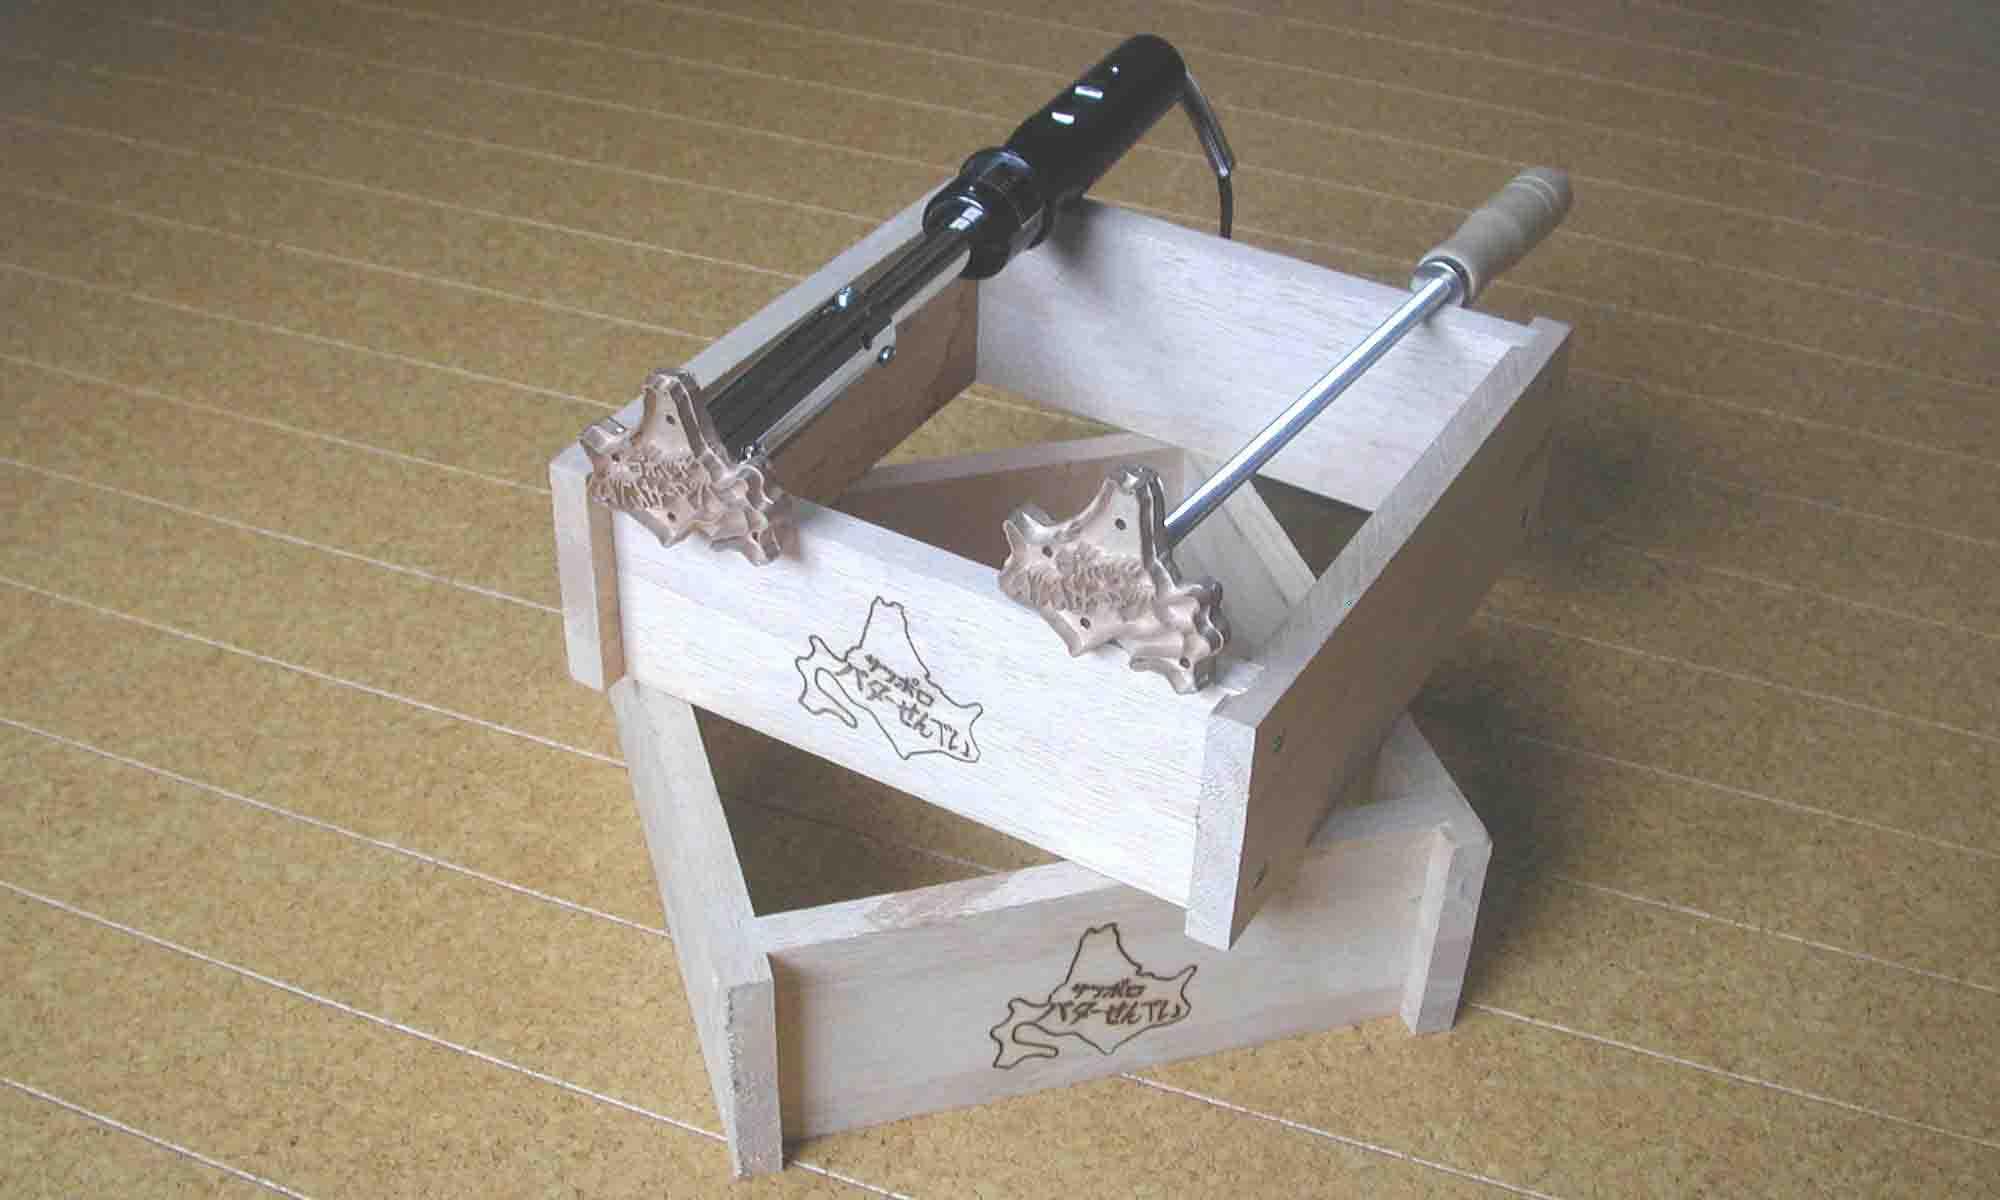 焼印、焼き印製作のメタルアート